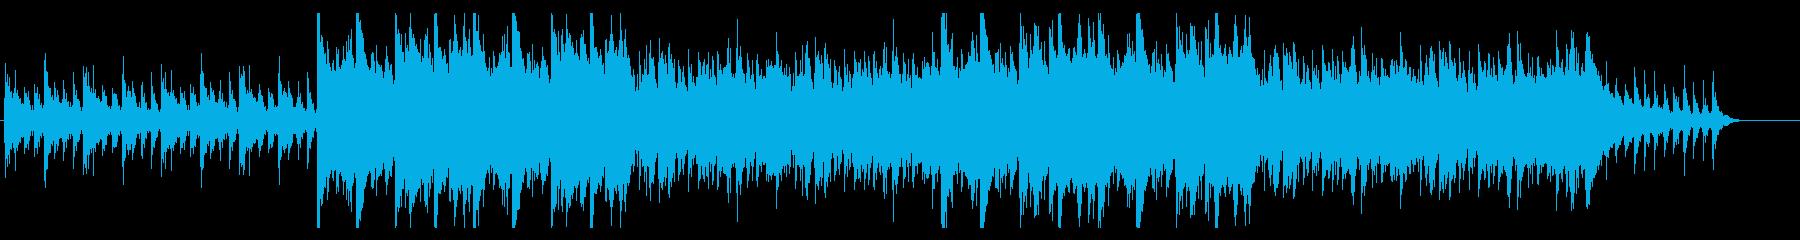 暗い・決戦前・緊張・ピアノ・コントラバスの再生済みの波形